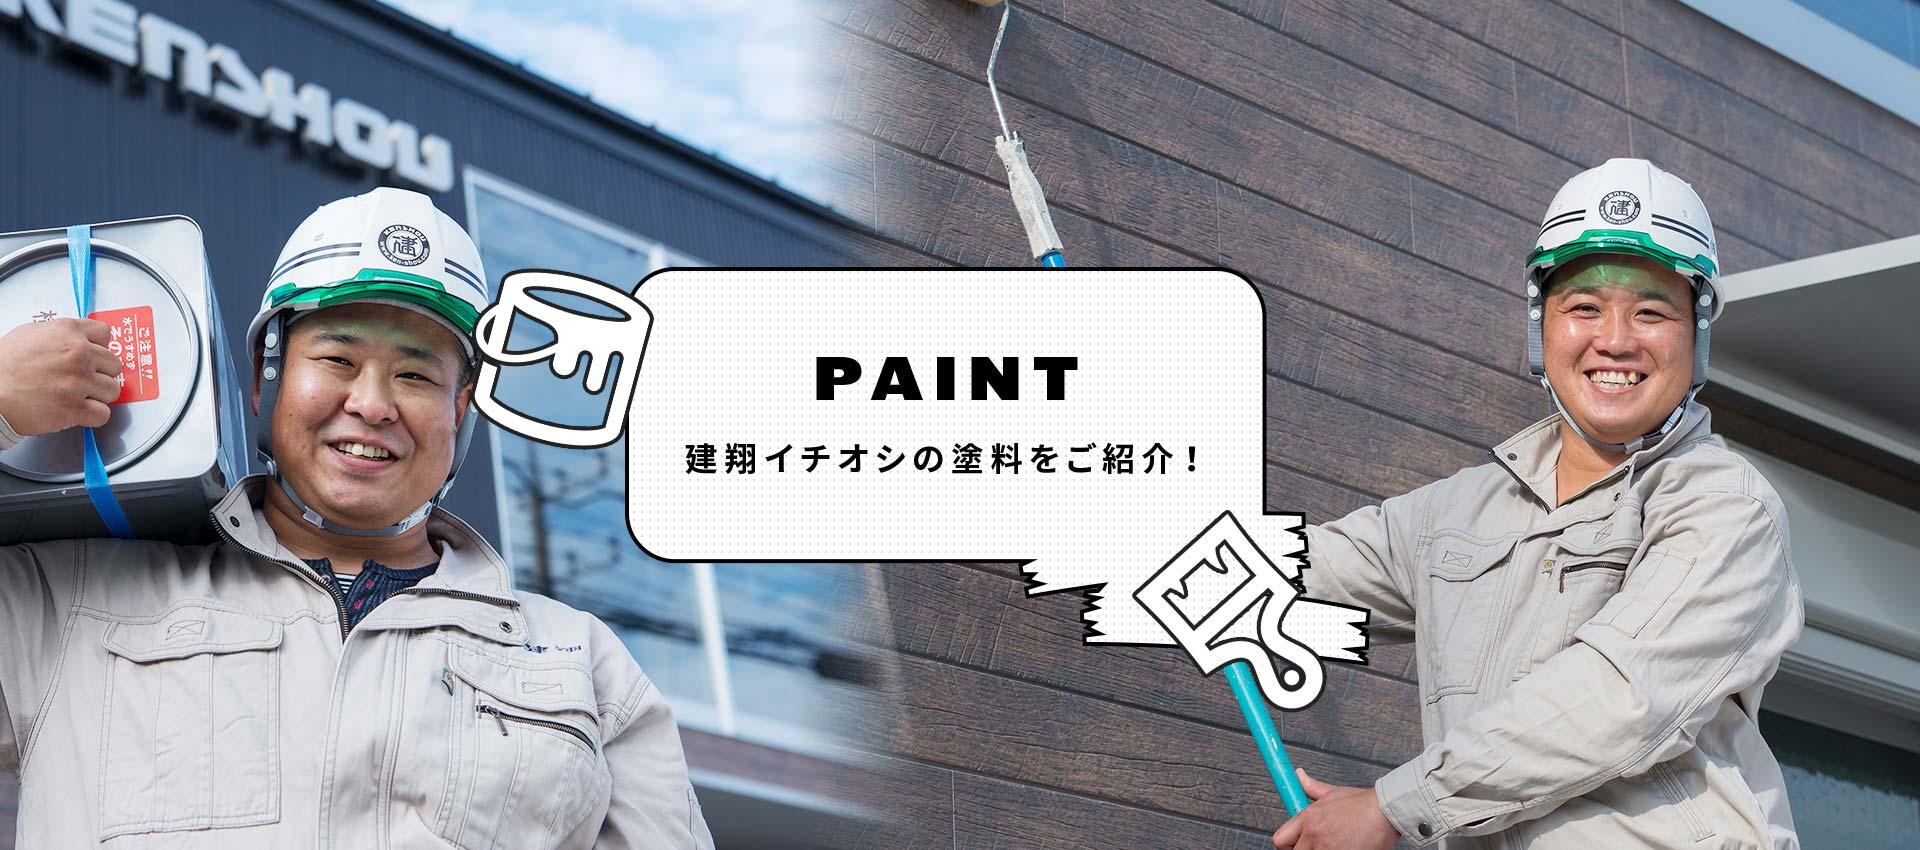 おすすめ塗料